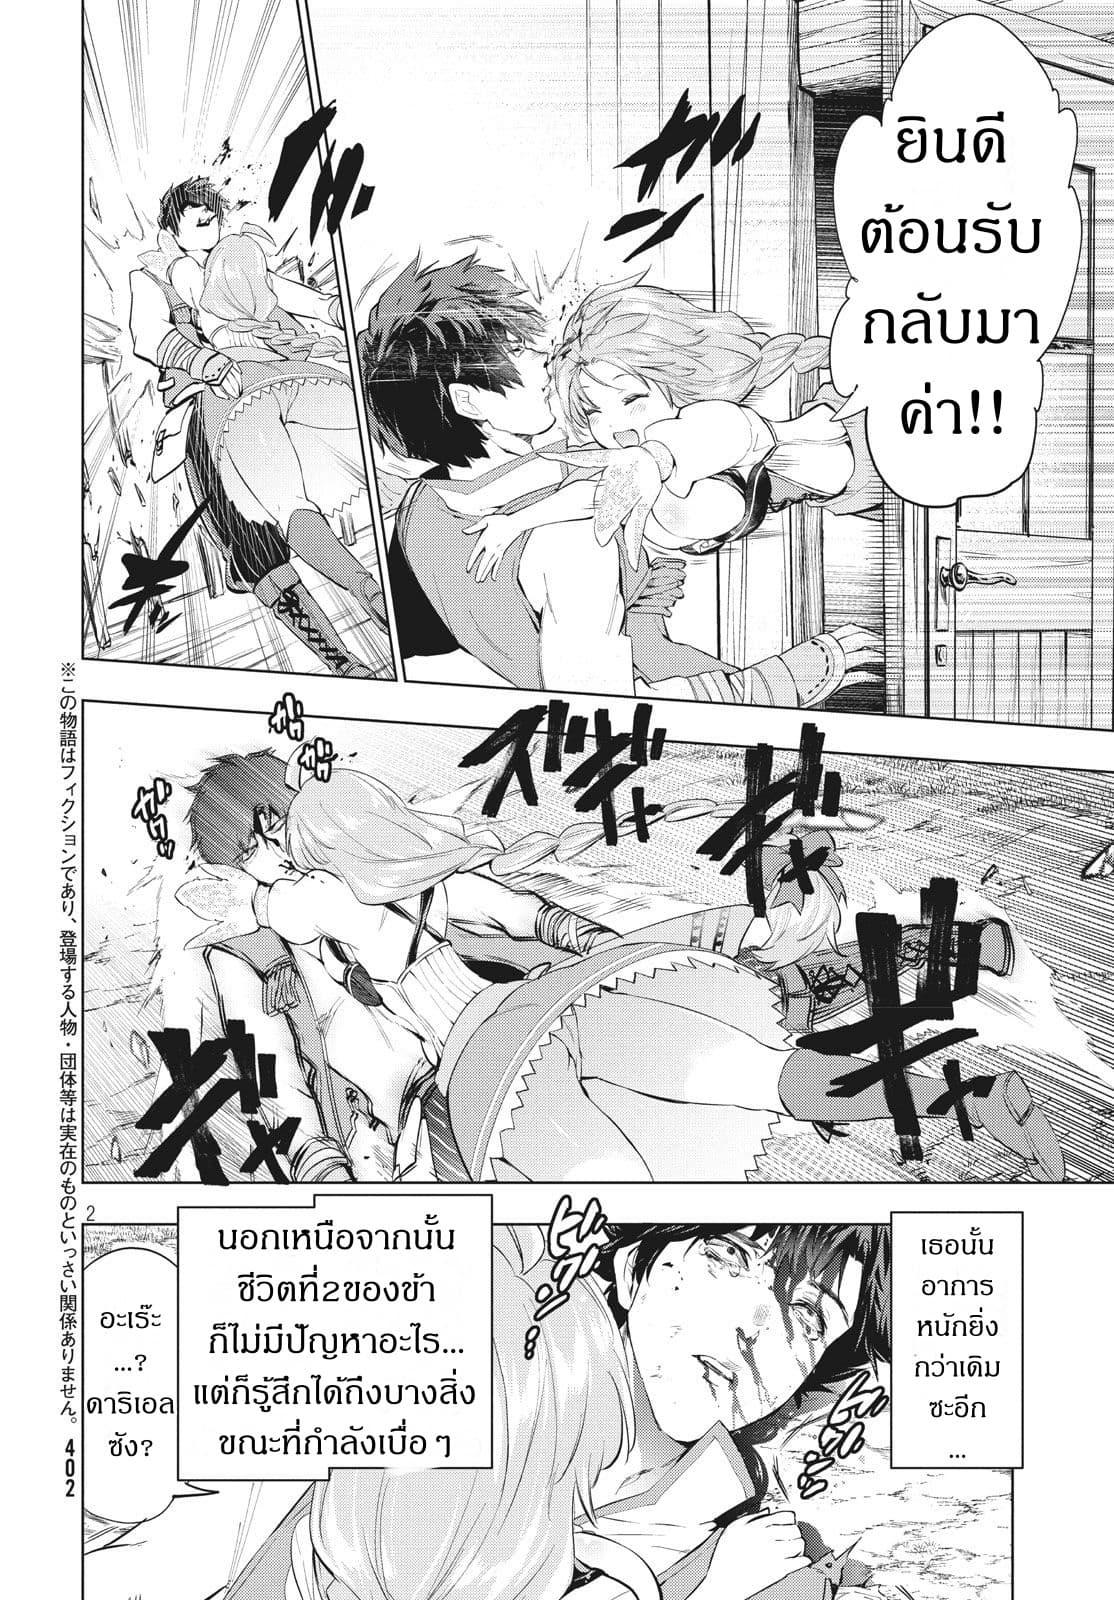 อ่านการ์ตูน Kaiko sareta Ankoku Heishi (30-dai) no Slow na Second ตอนที่ 5.1 หน้าที่ 2